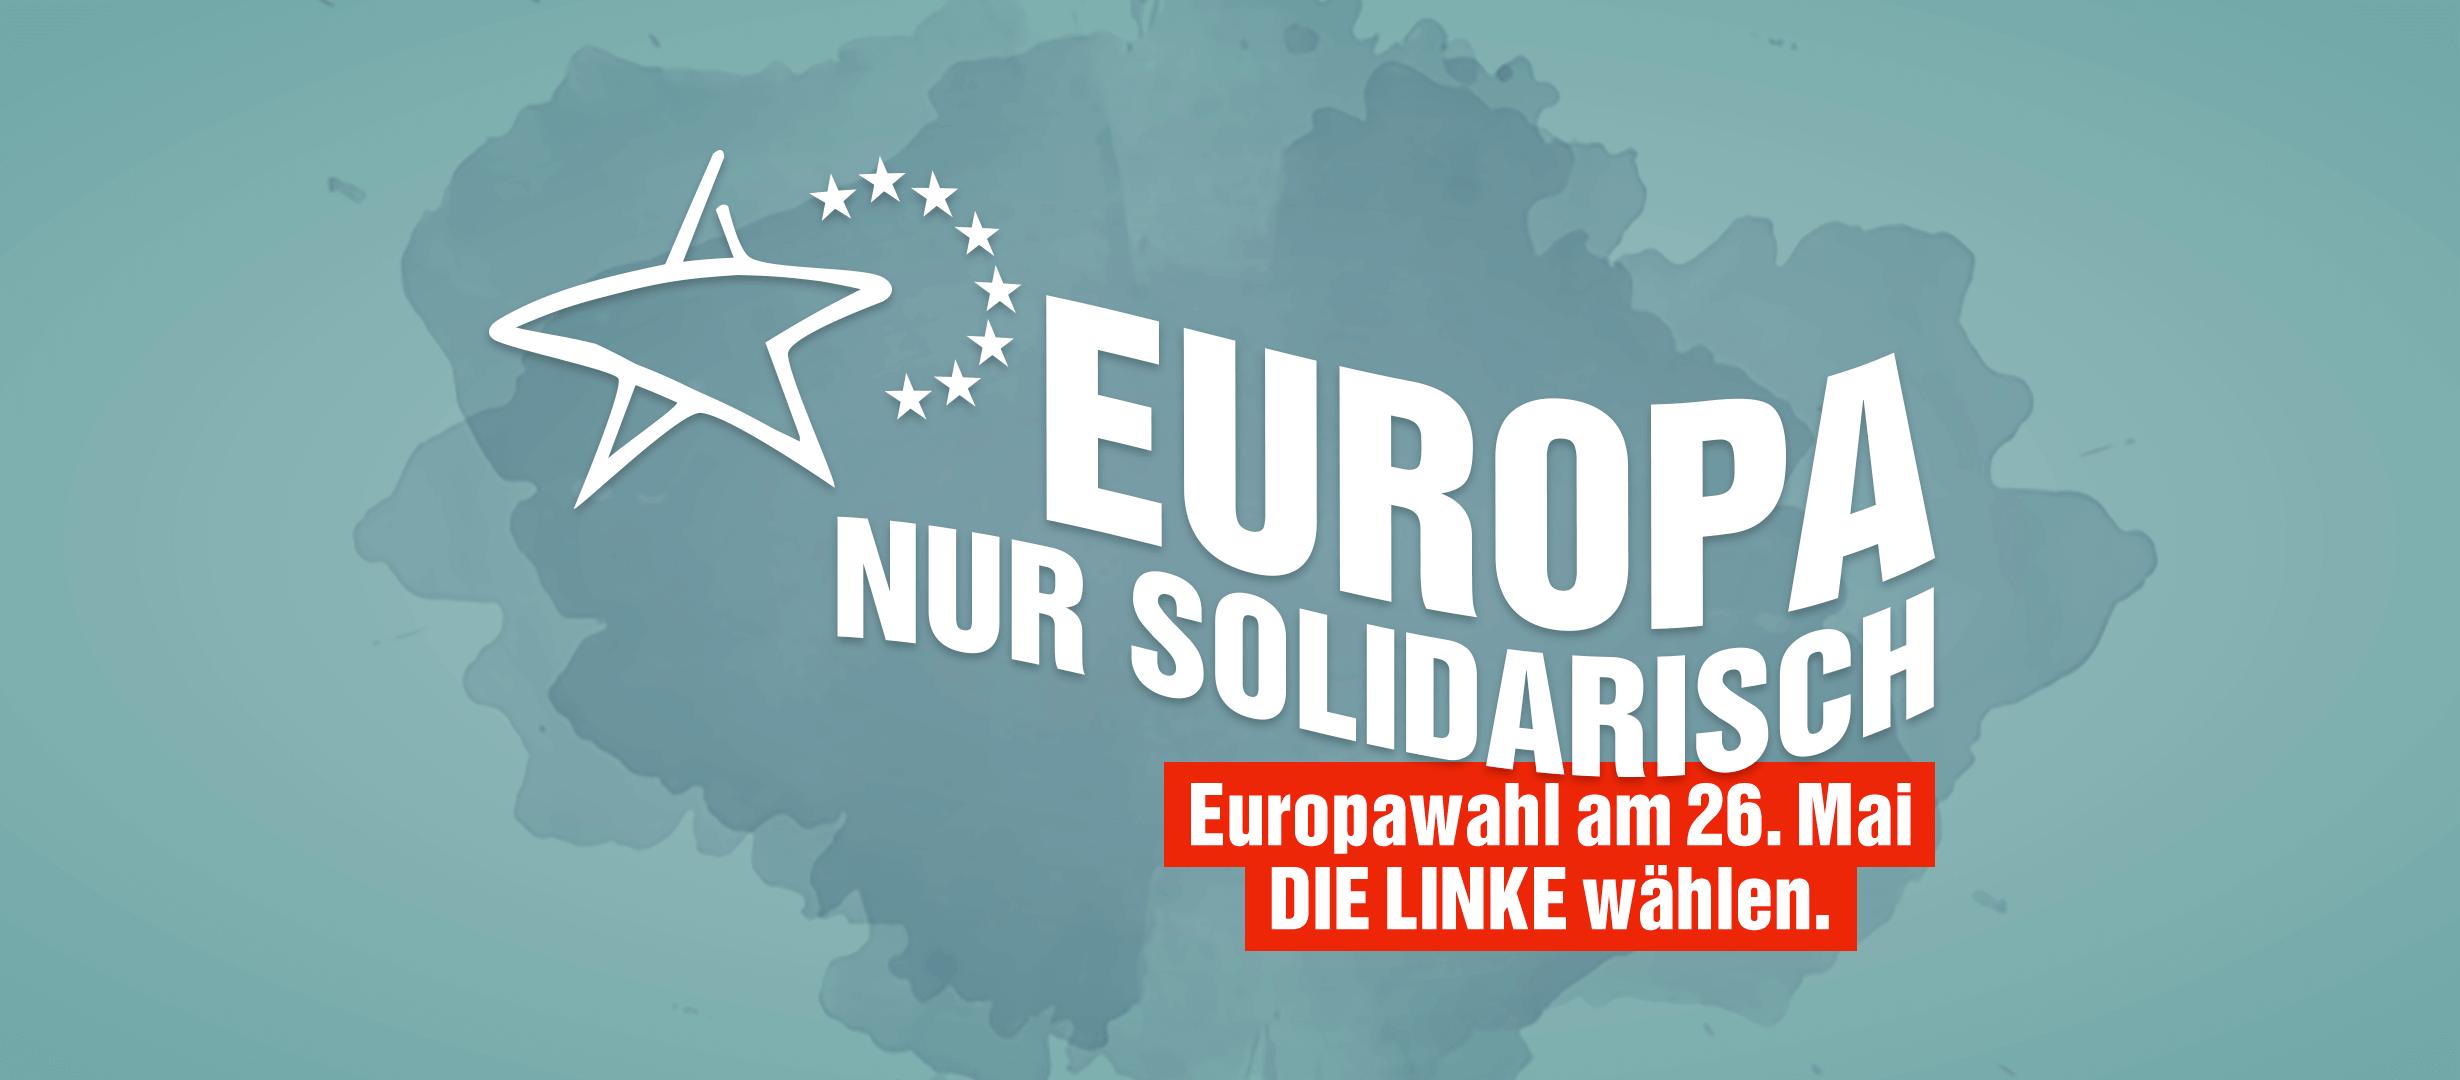 Europa nur solidarisch! Europawahl am 26. Mai: DIE LINKE wählen.